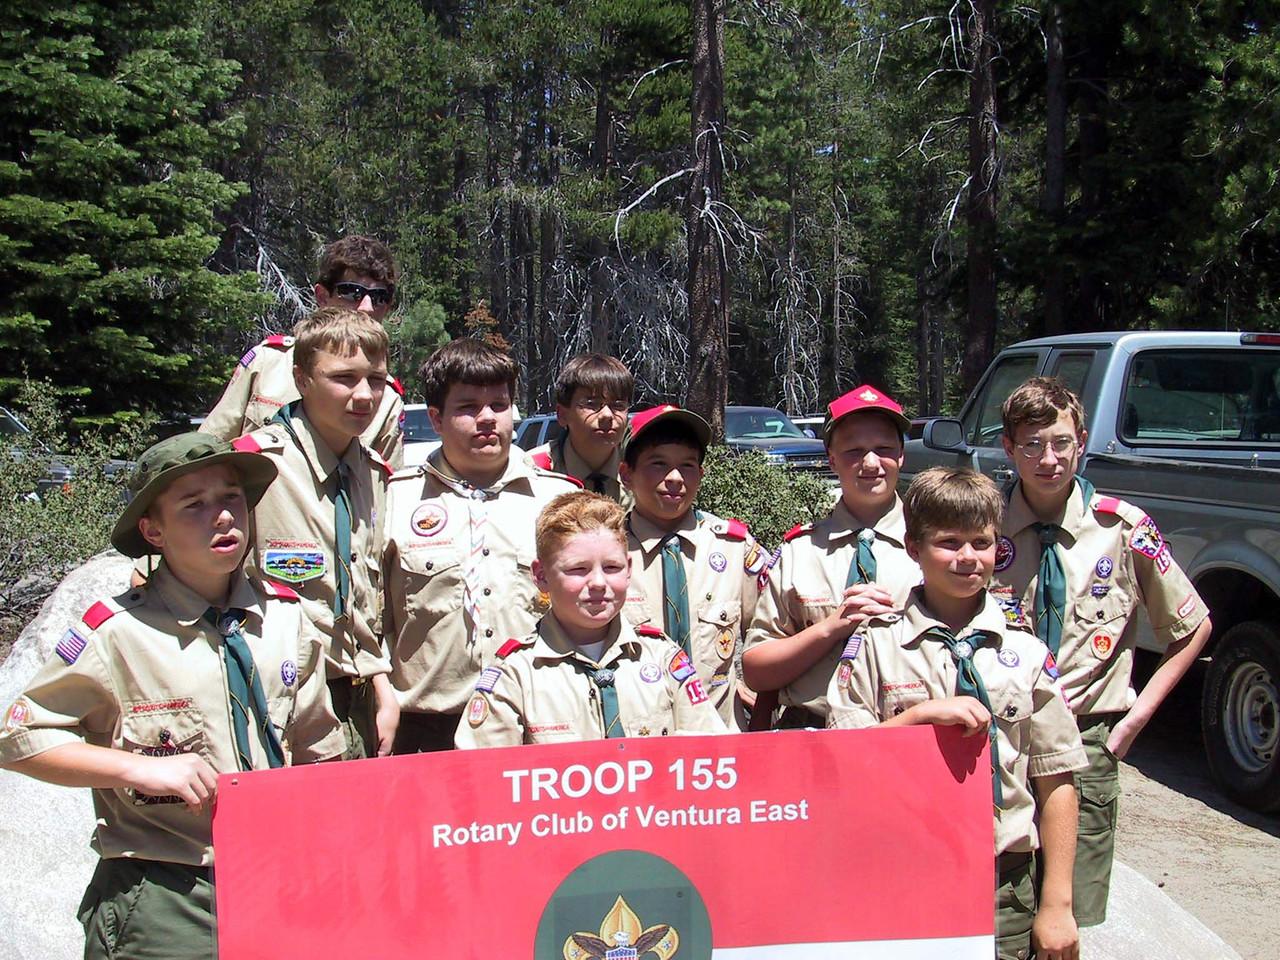 2002 - Summer Camp (Camp Kern) - Troop 155